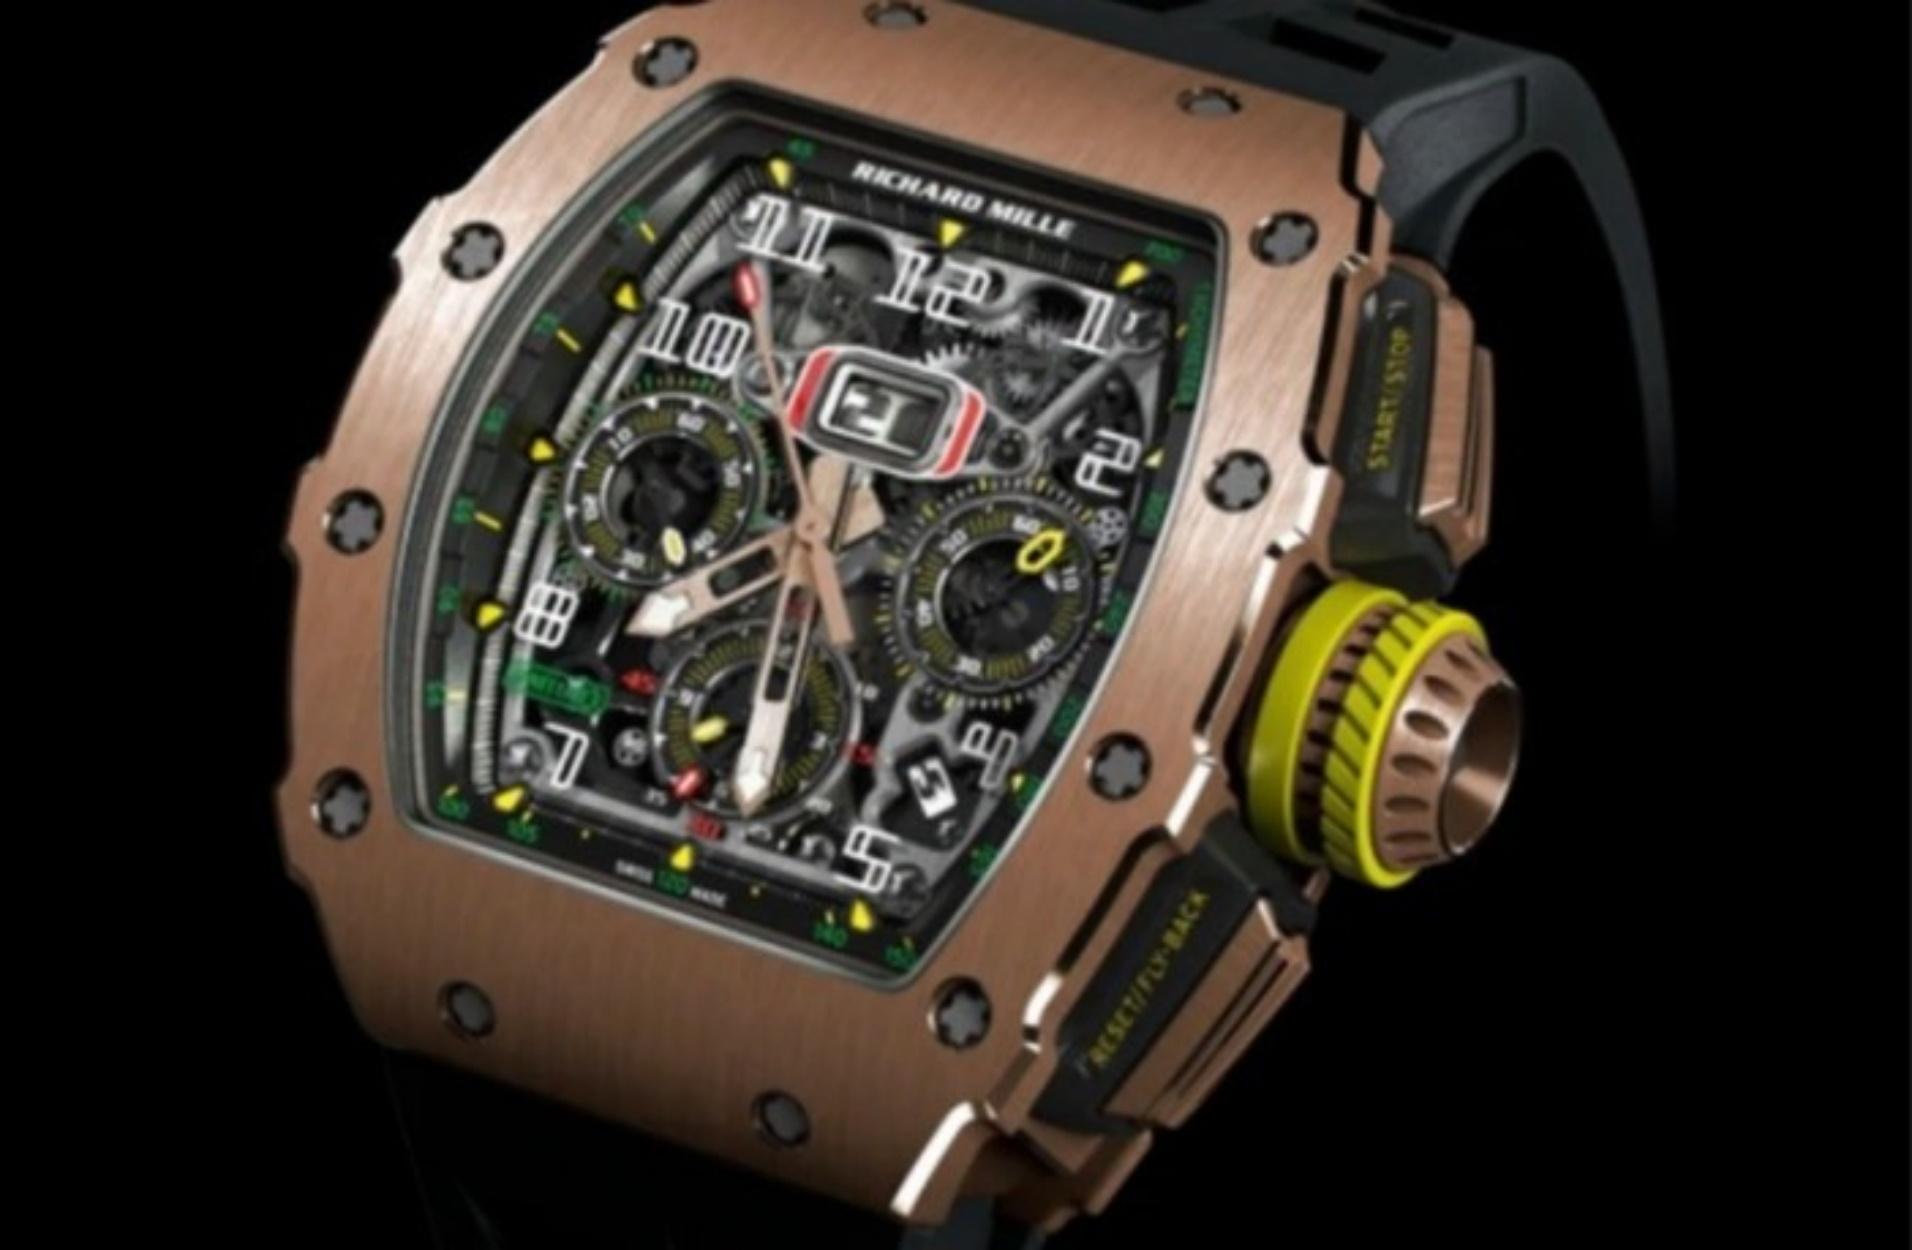 Ένας τύπος δίνει αμοιβή 50.000 δολάρια για ένα σπάνιο ρολόι που του έκλεψαν